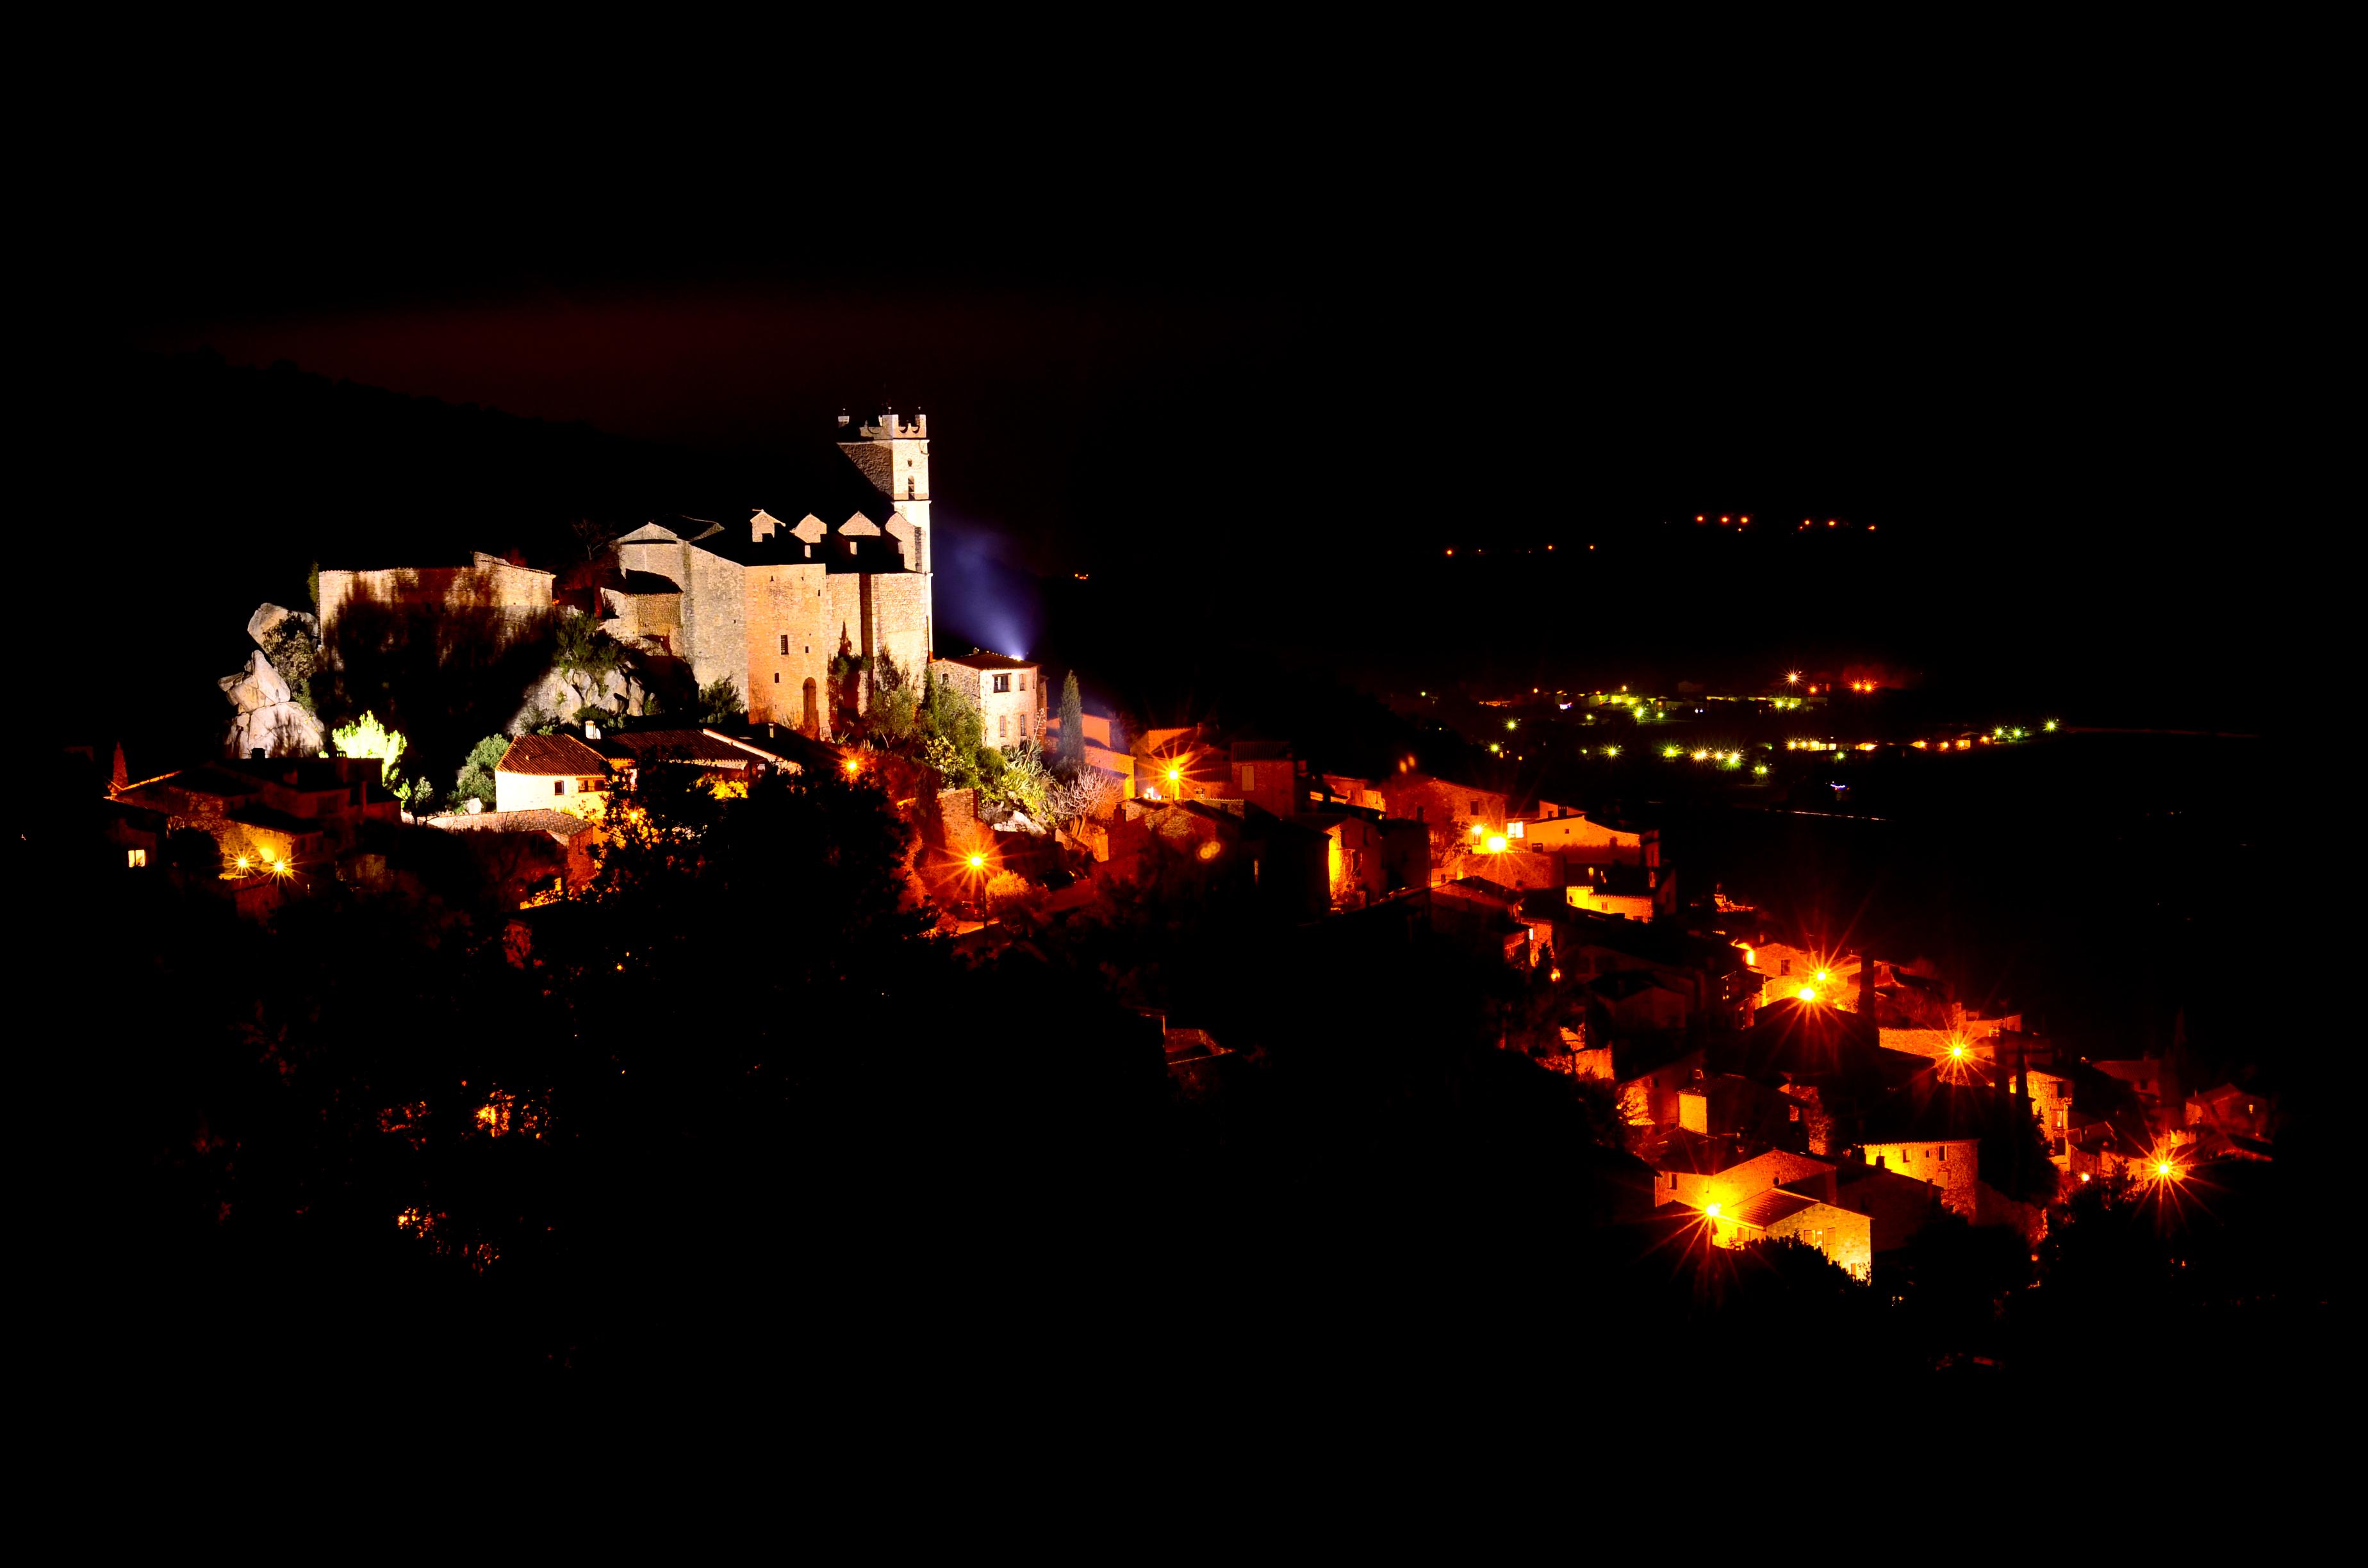 Nuit romantique village du sud